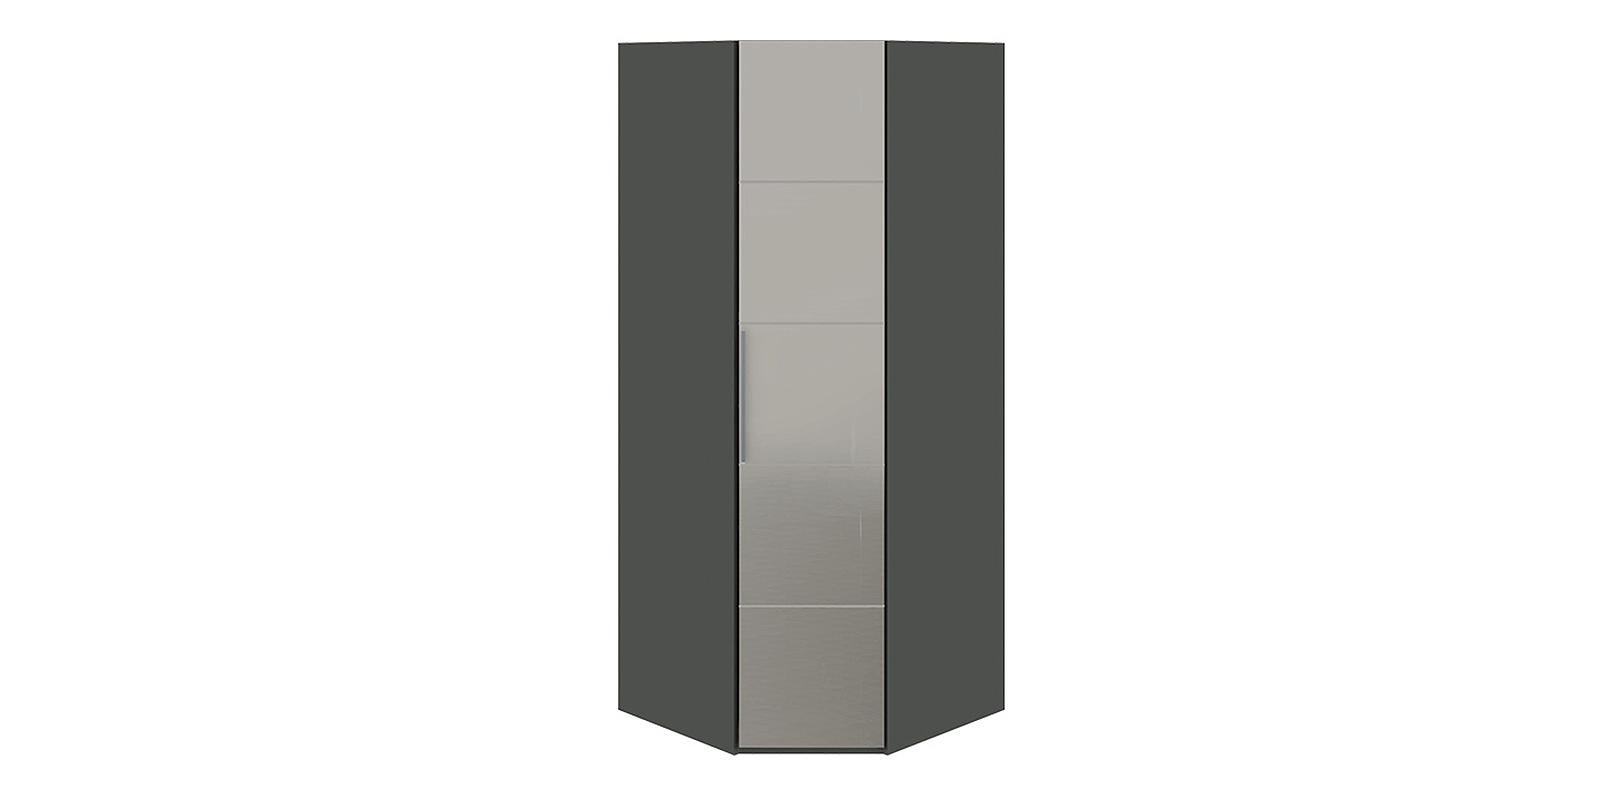 Шкаф распашной угловой Сорренто вариант №2 левый (коричневый/зеркало)